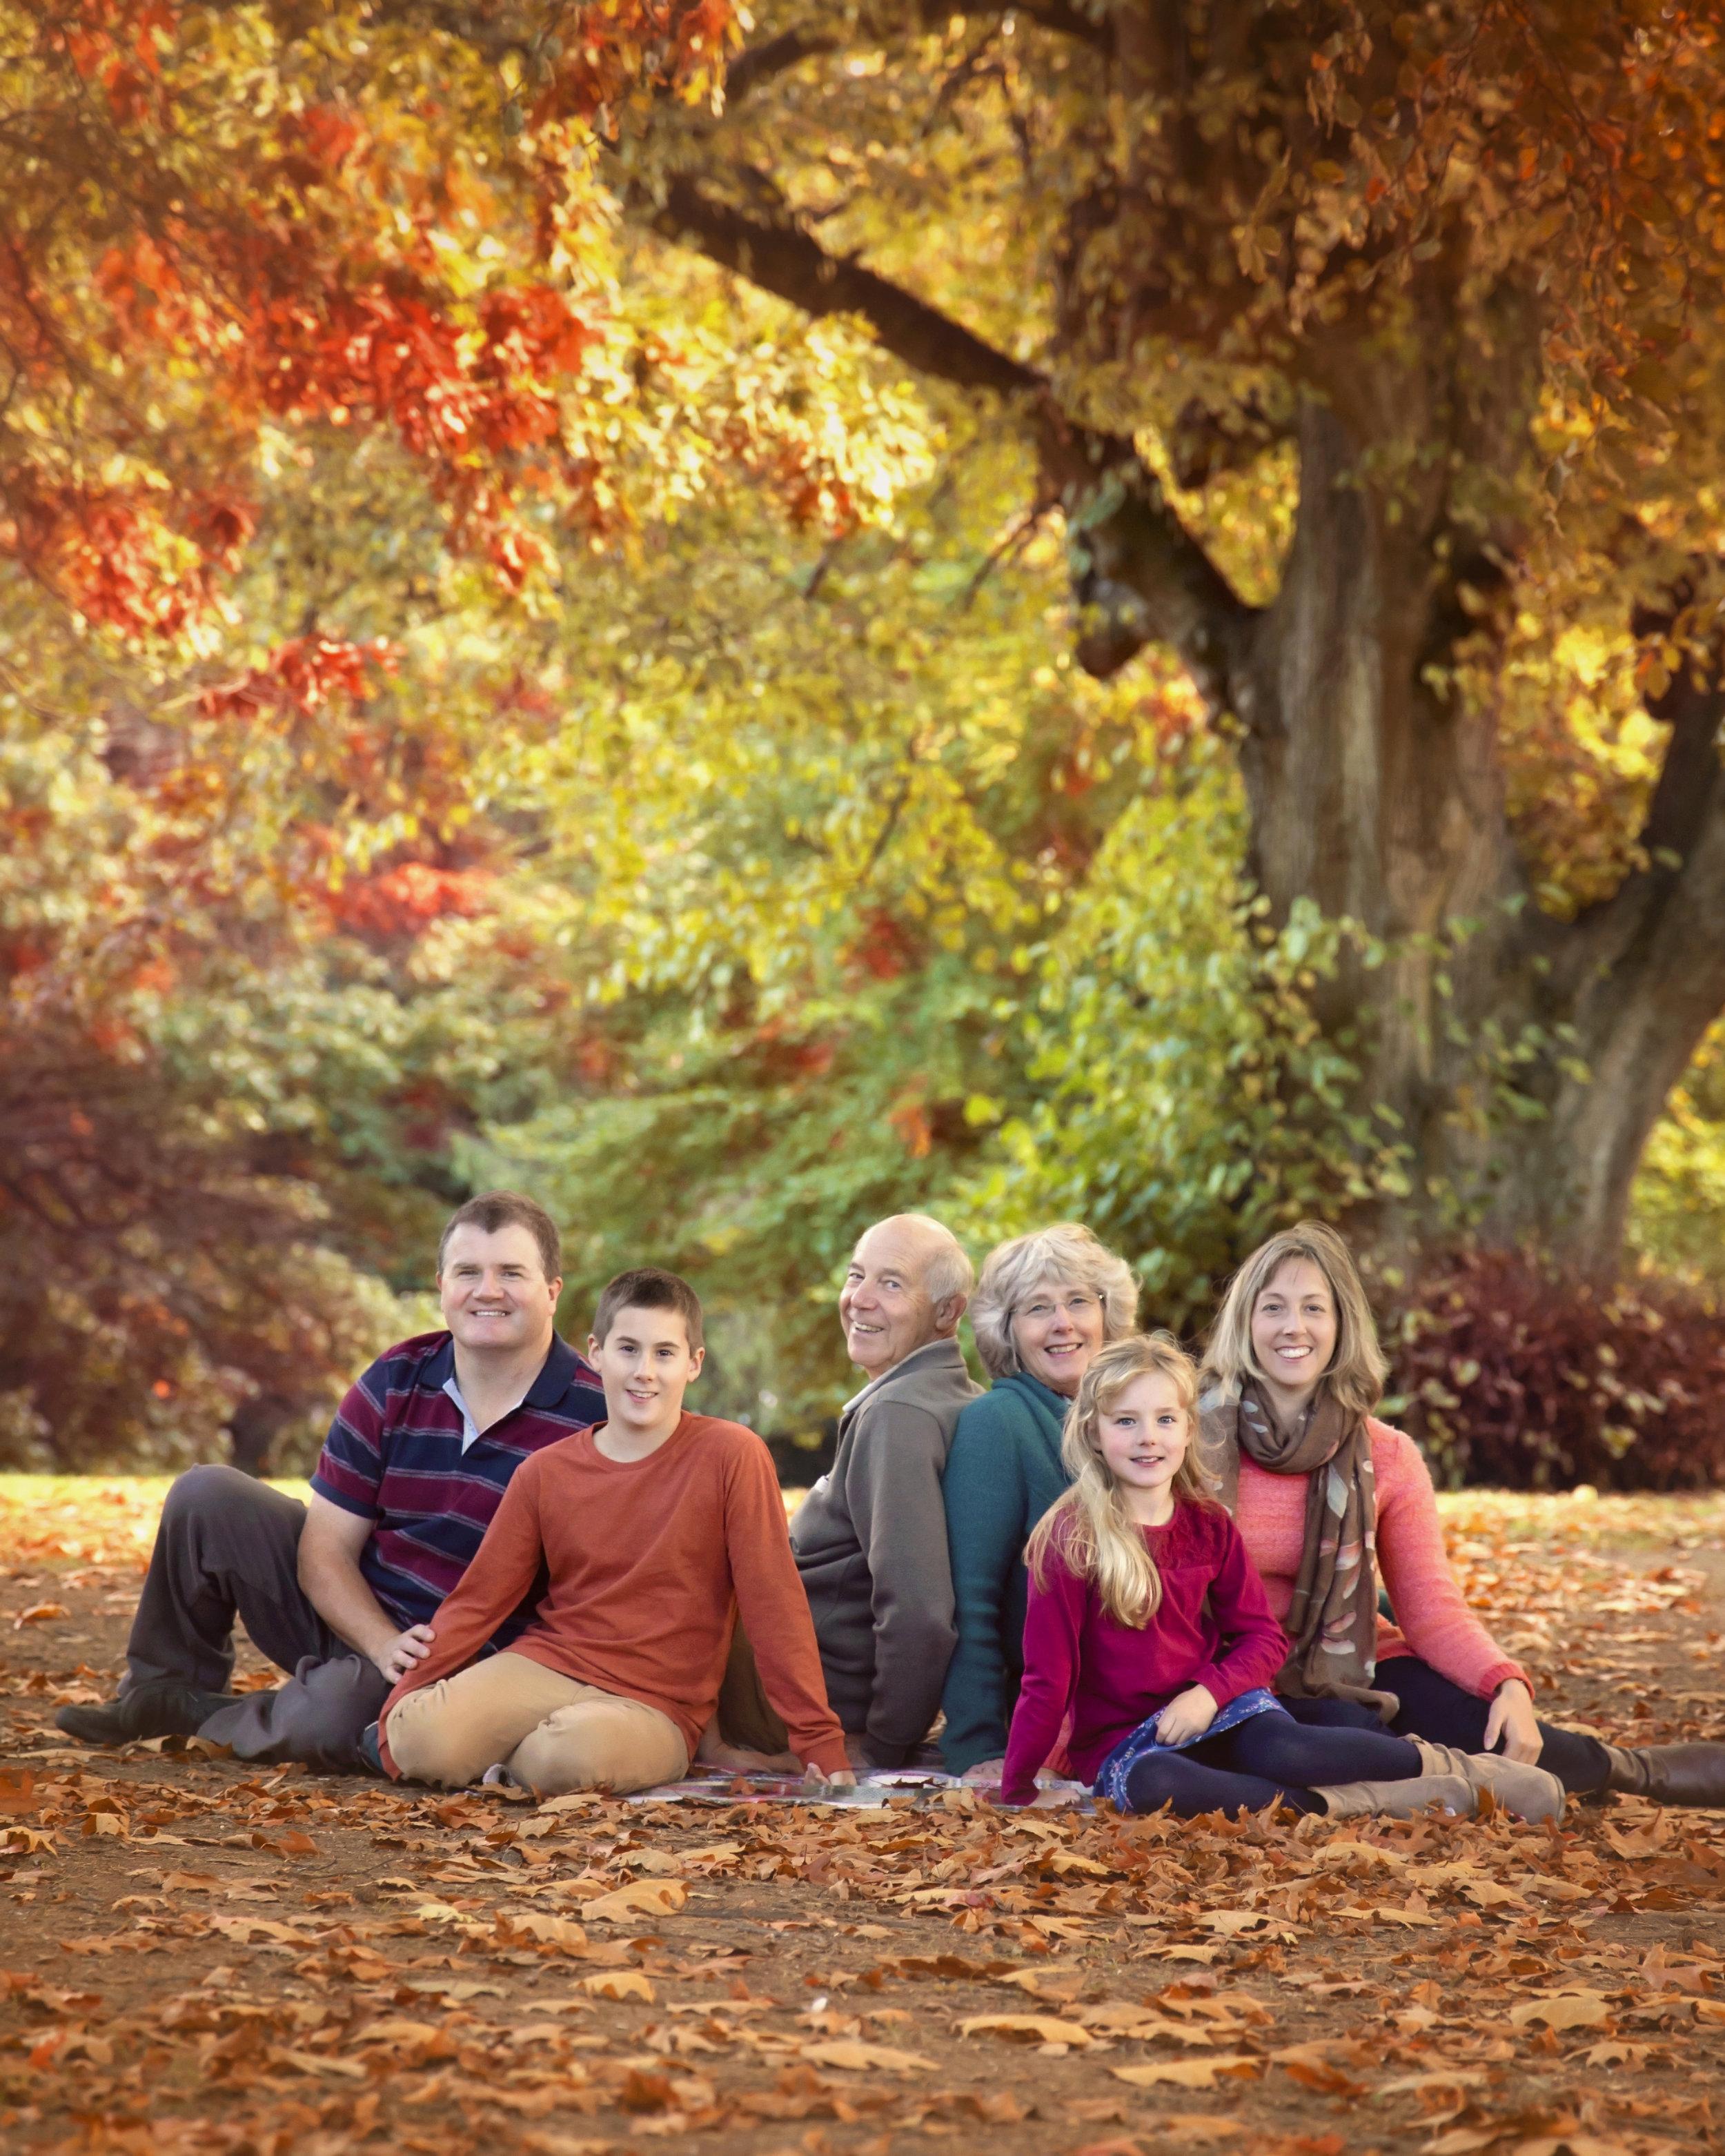 Autumn photoshoot outdoors